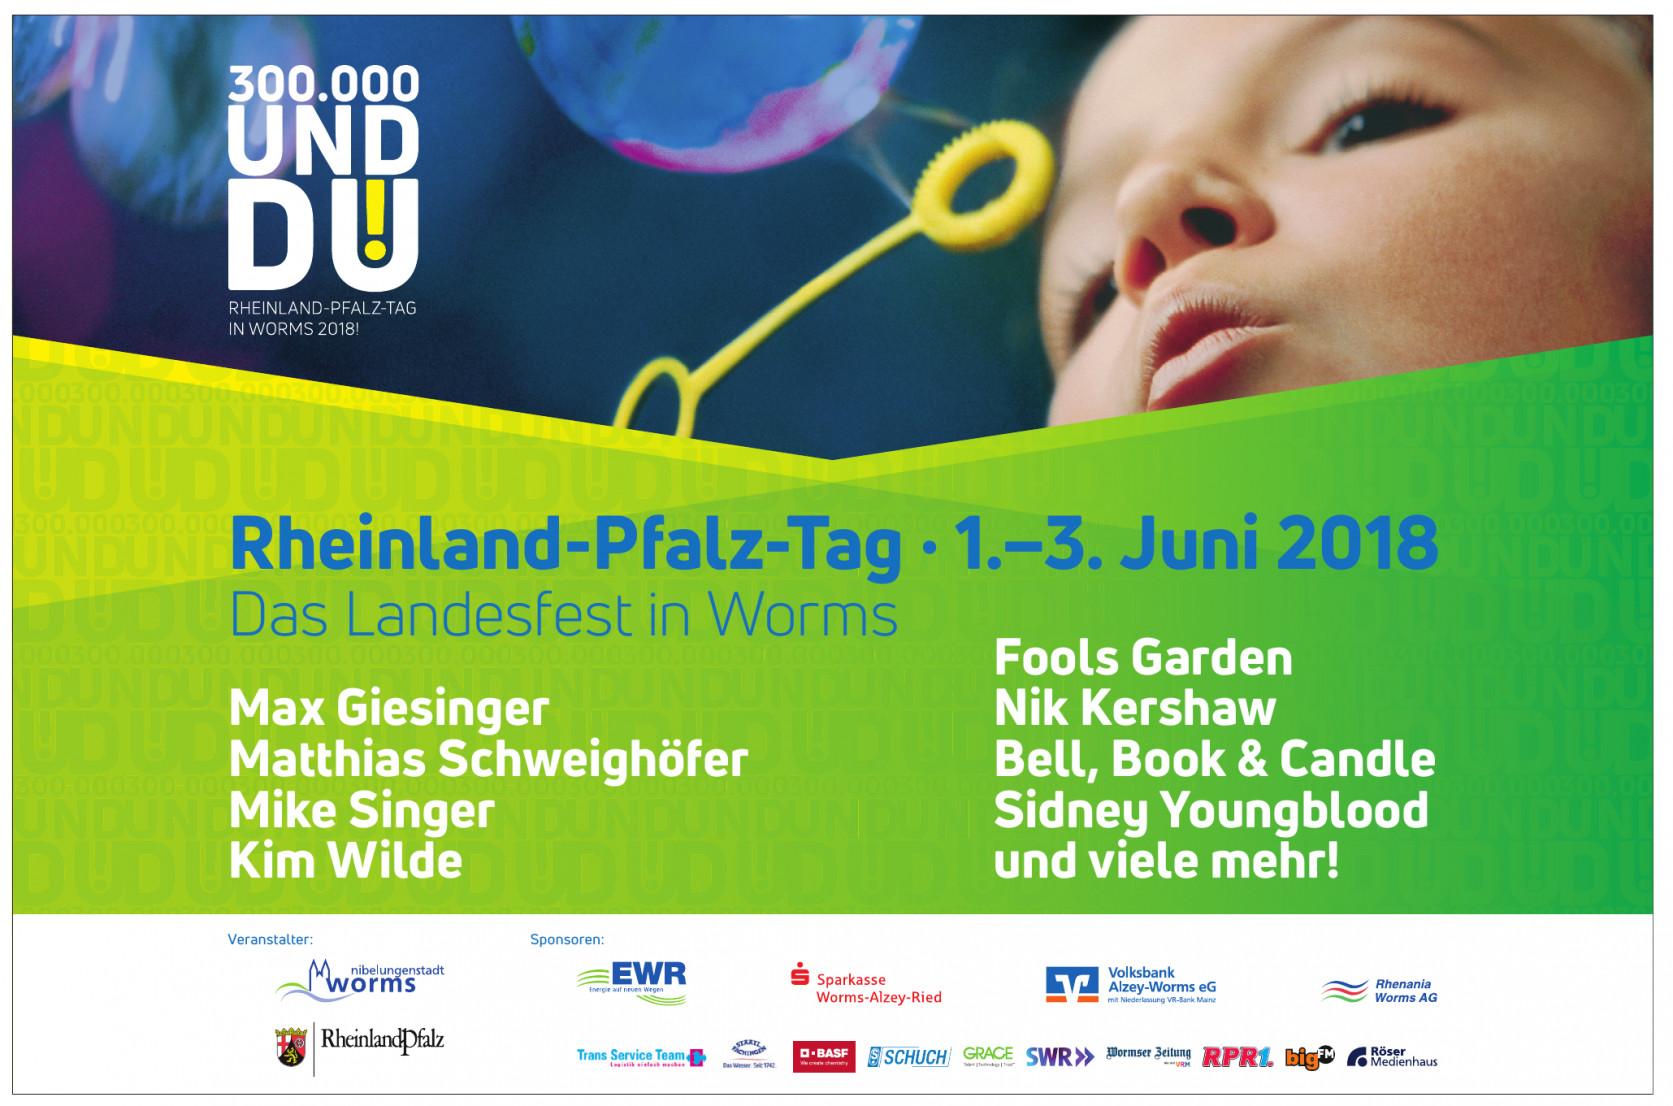 Rheinland-Pfalz-Tag